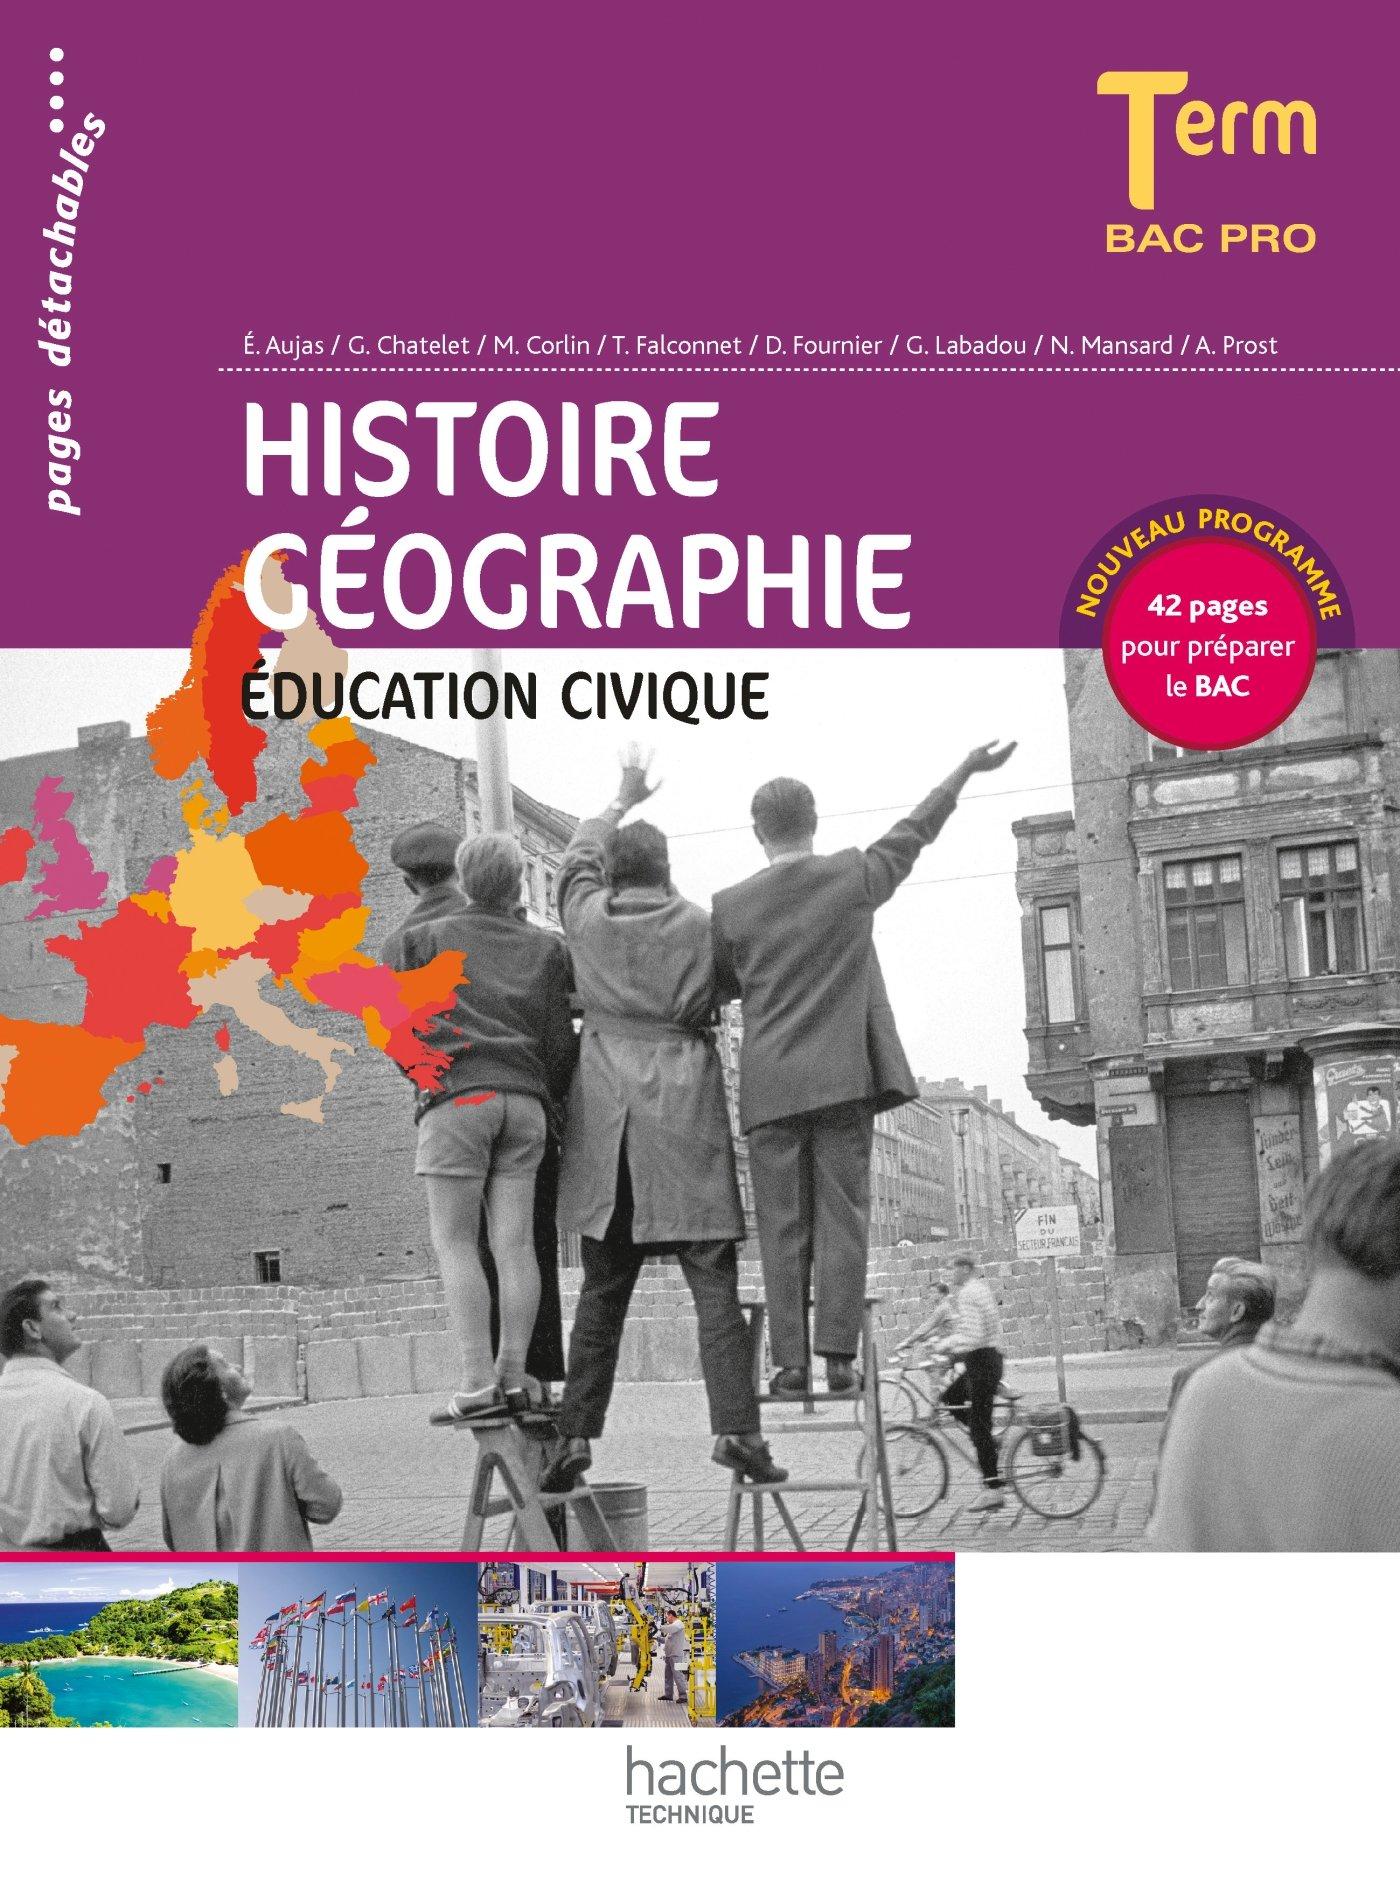 Histoire Géographie Éducation civique Terminale Bac Pro - Livre élève - Ed.2014 Histoire-Géographie Bac Professionnel, consommables: Amazon.es: Alain Prost, ...